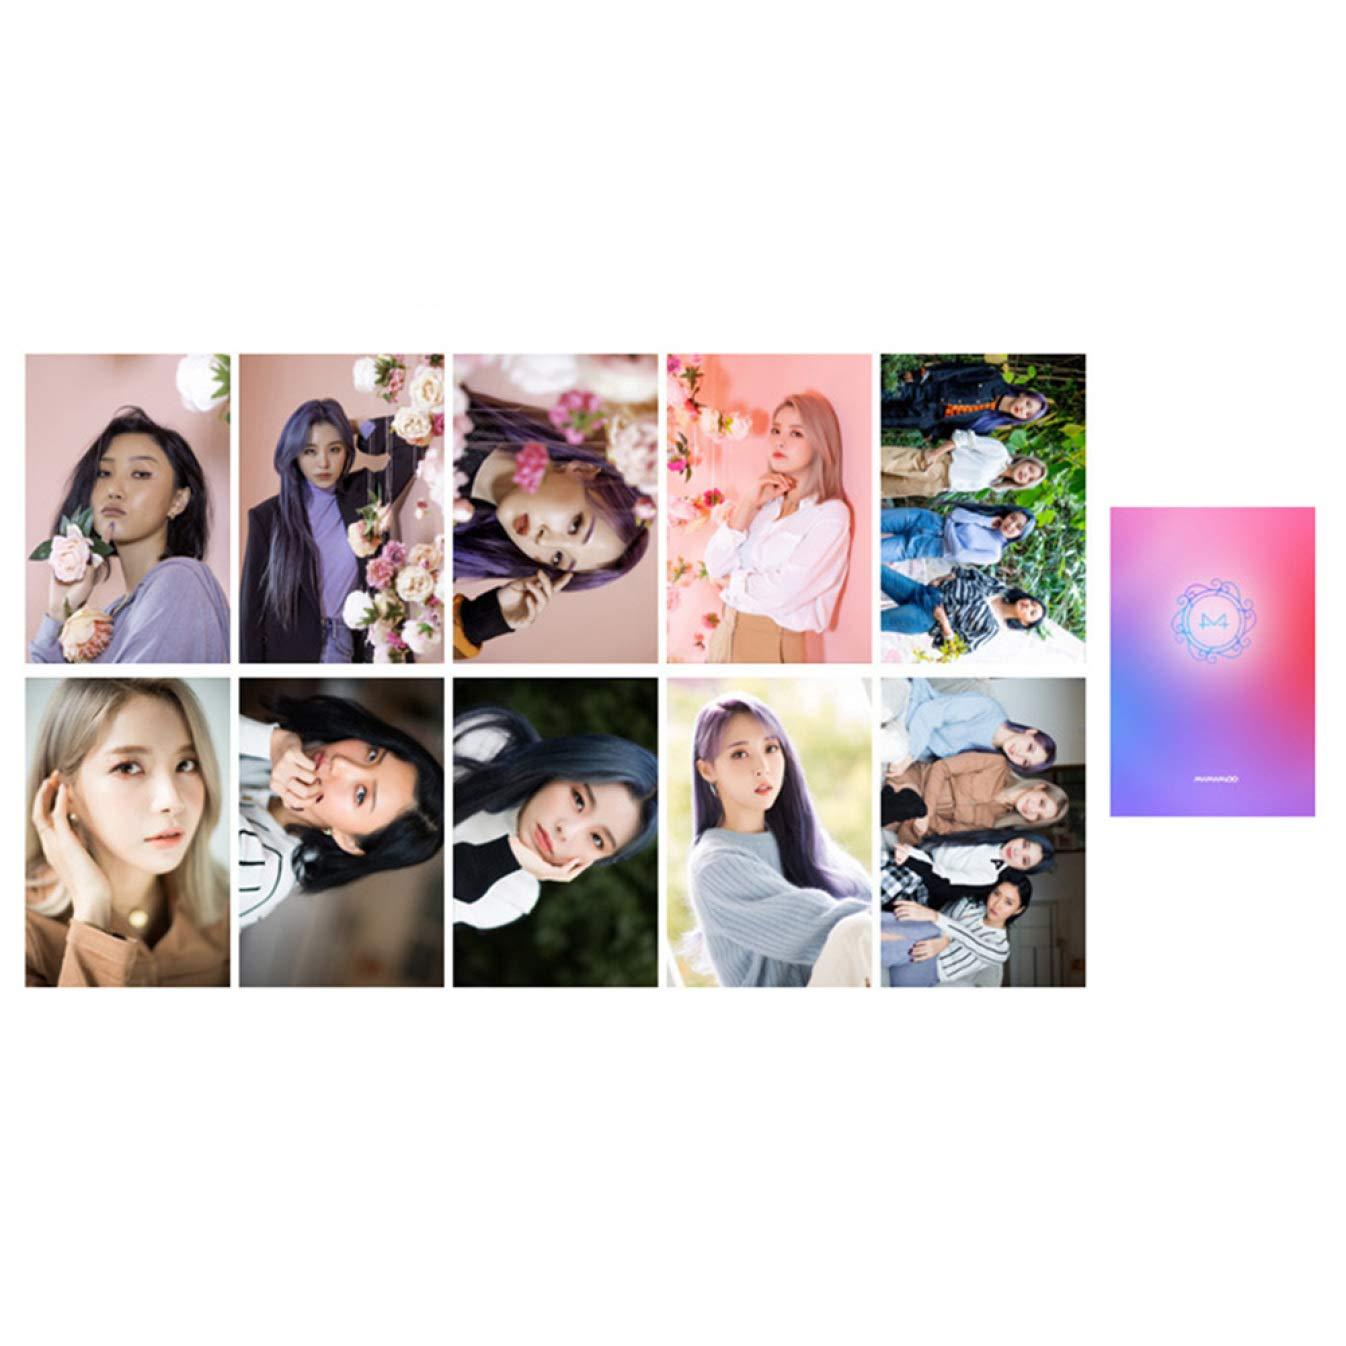 por paquete TaiyuanCathy Exquisito juego de 10 piezas de Kpop MAMAMOO 2/º /álbum Reality in Black Photocard Lomo Postal 1 uds